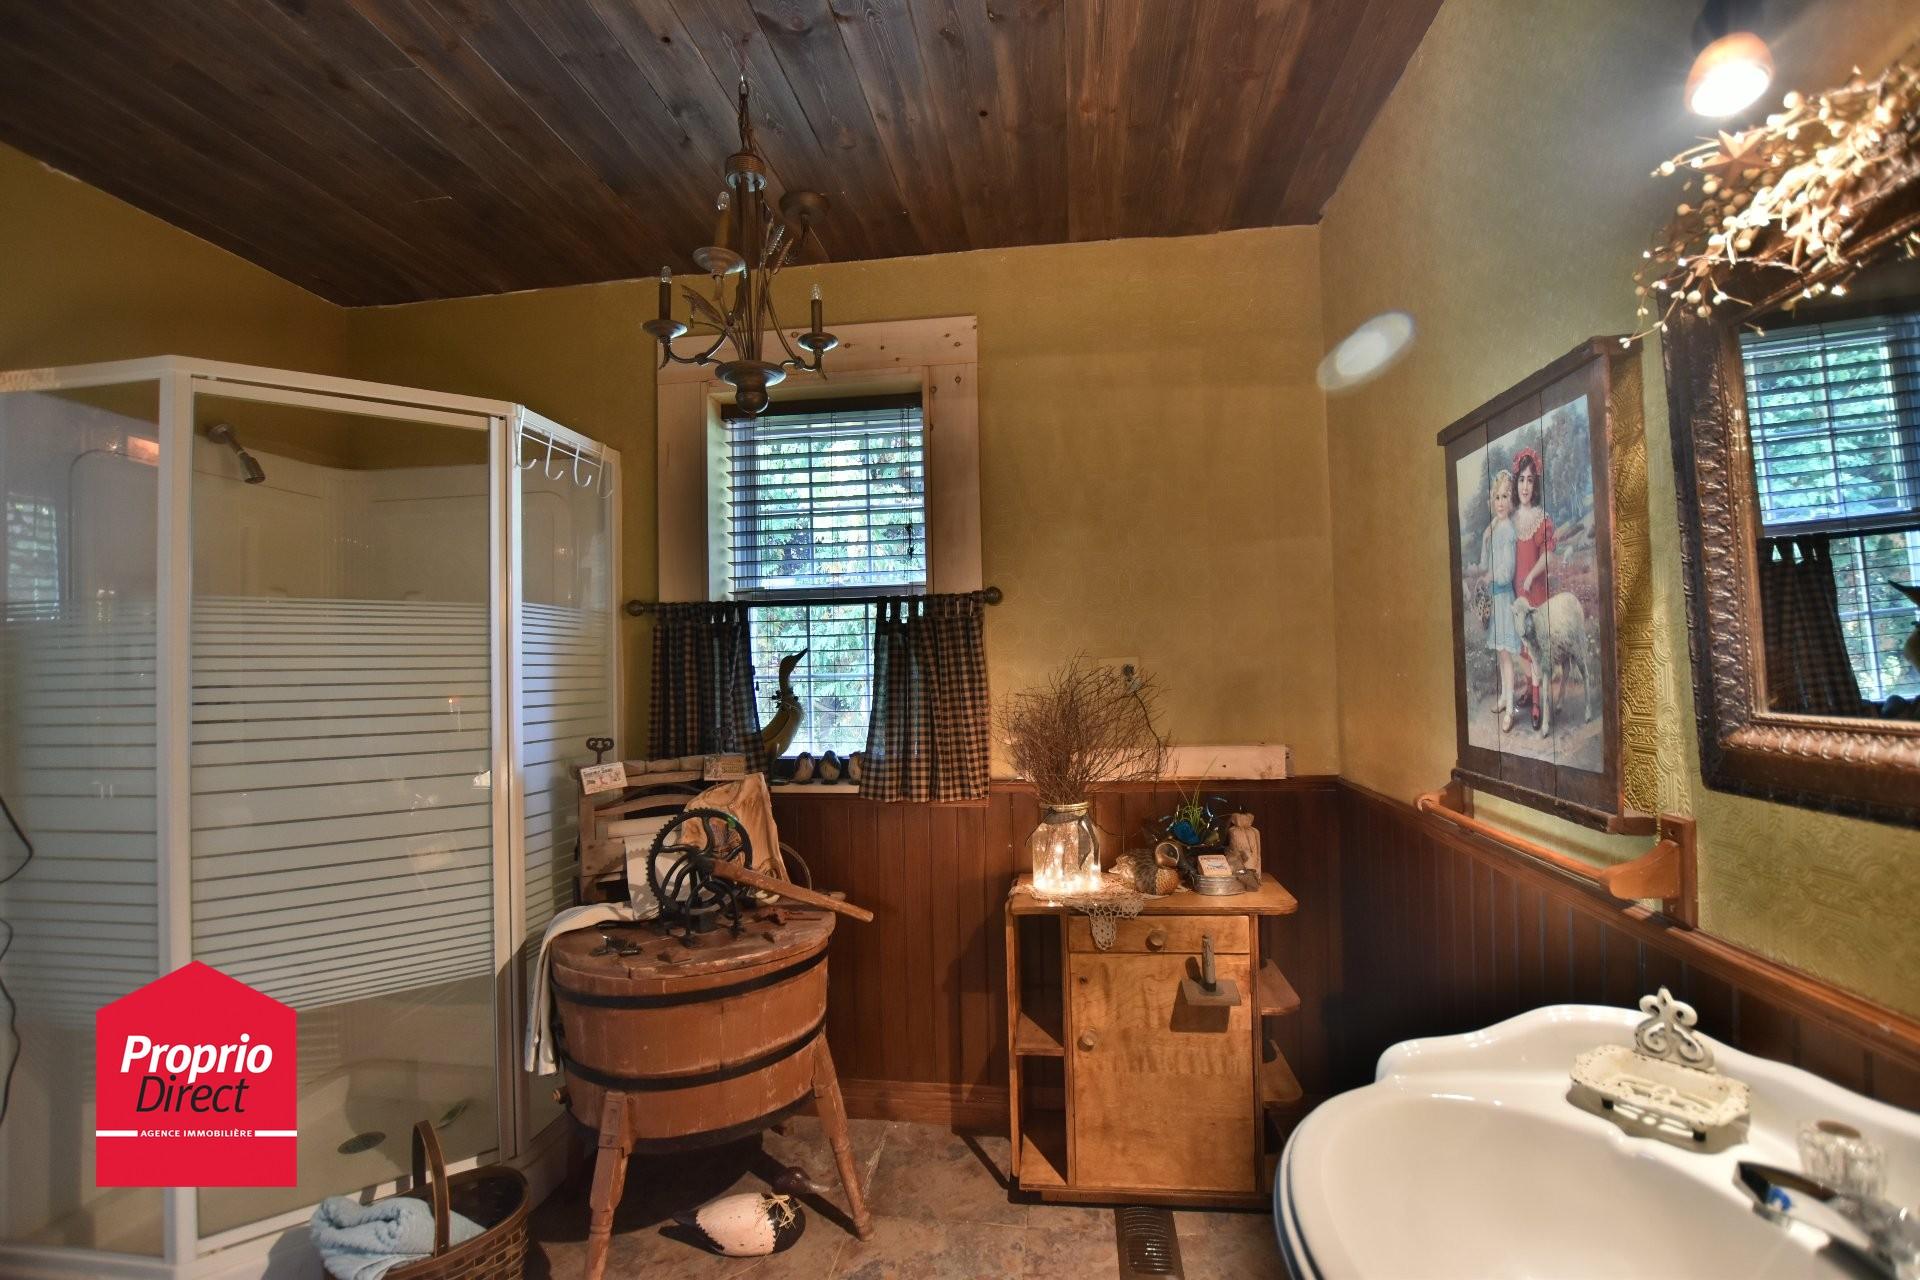 Maison un tage et demi vendre 2632 rue commerciale for Salle de bain xavier laurent